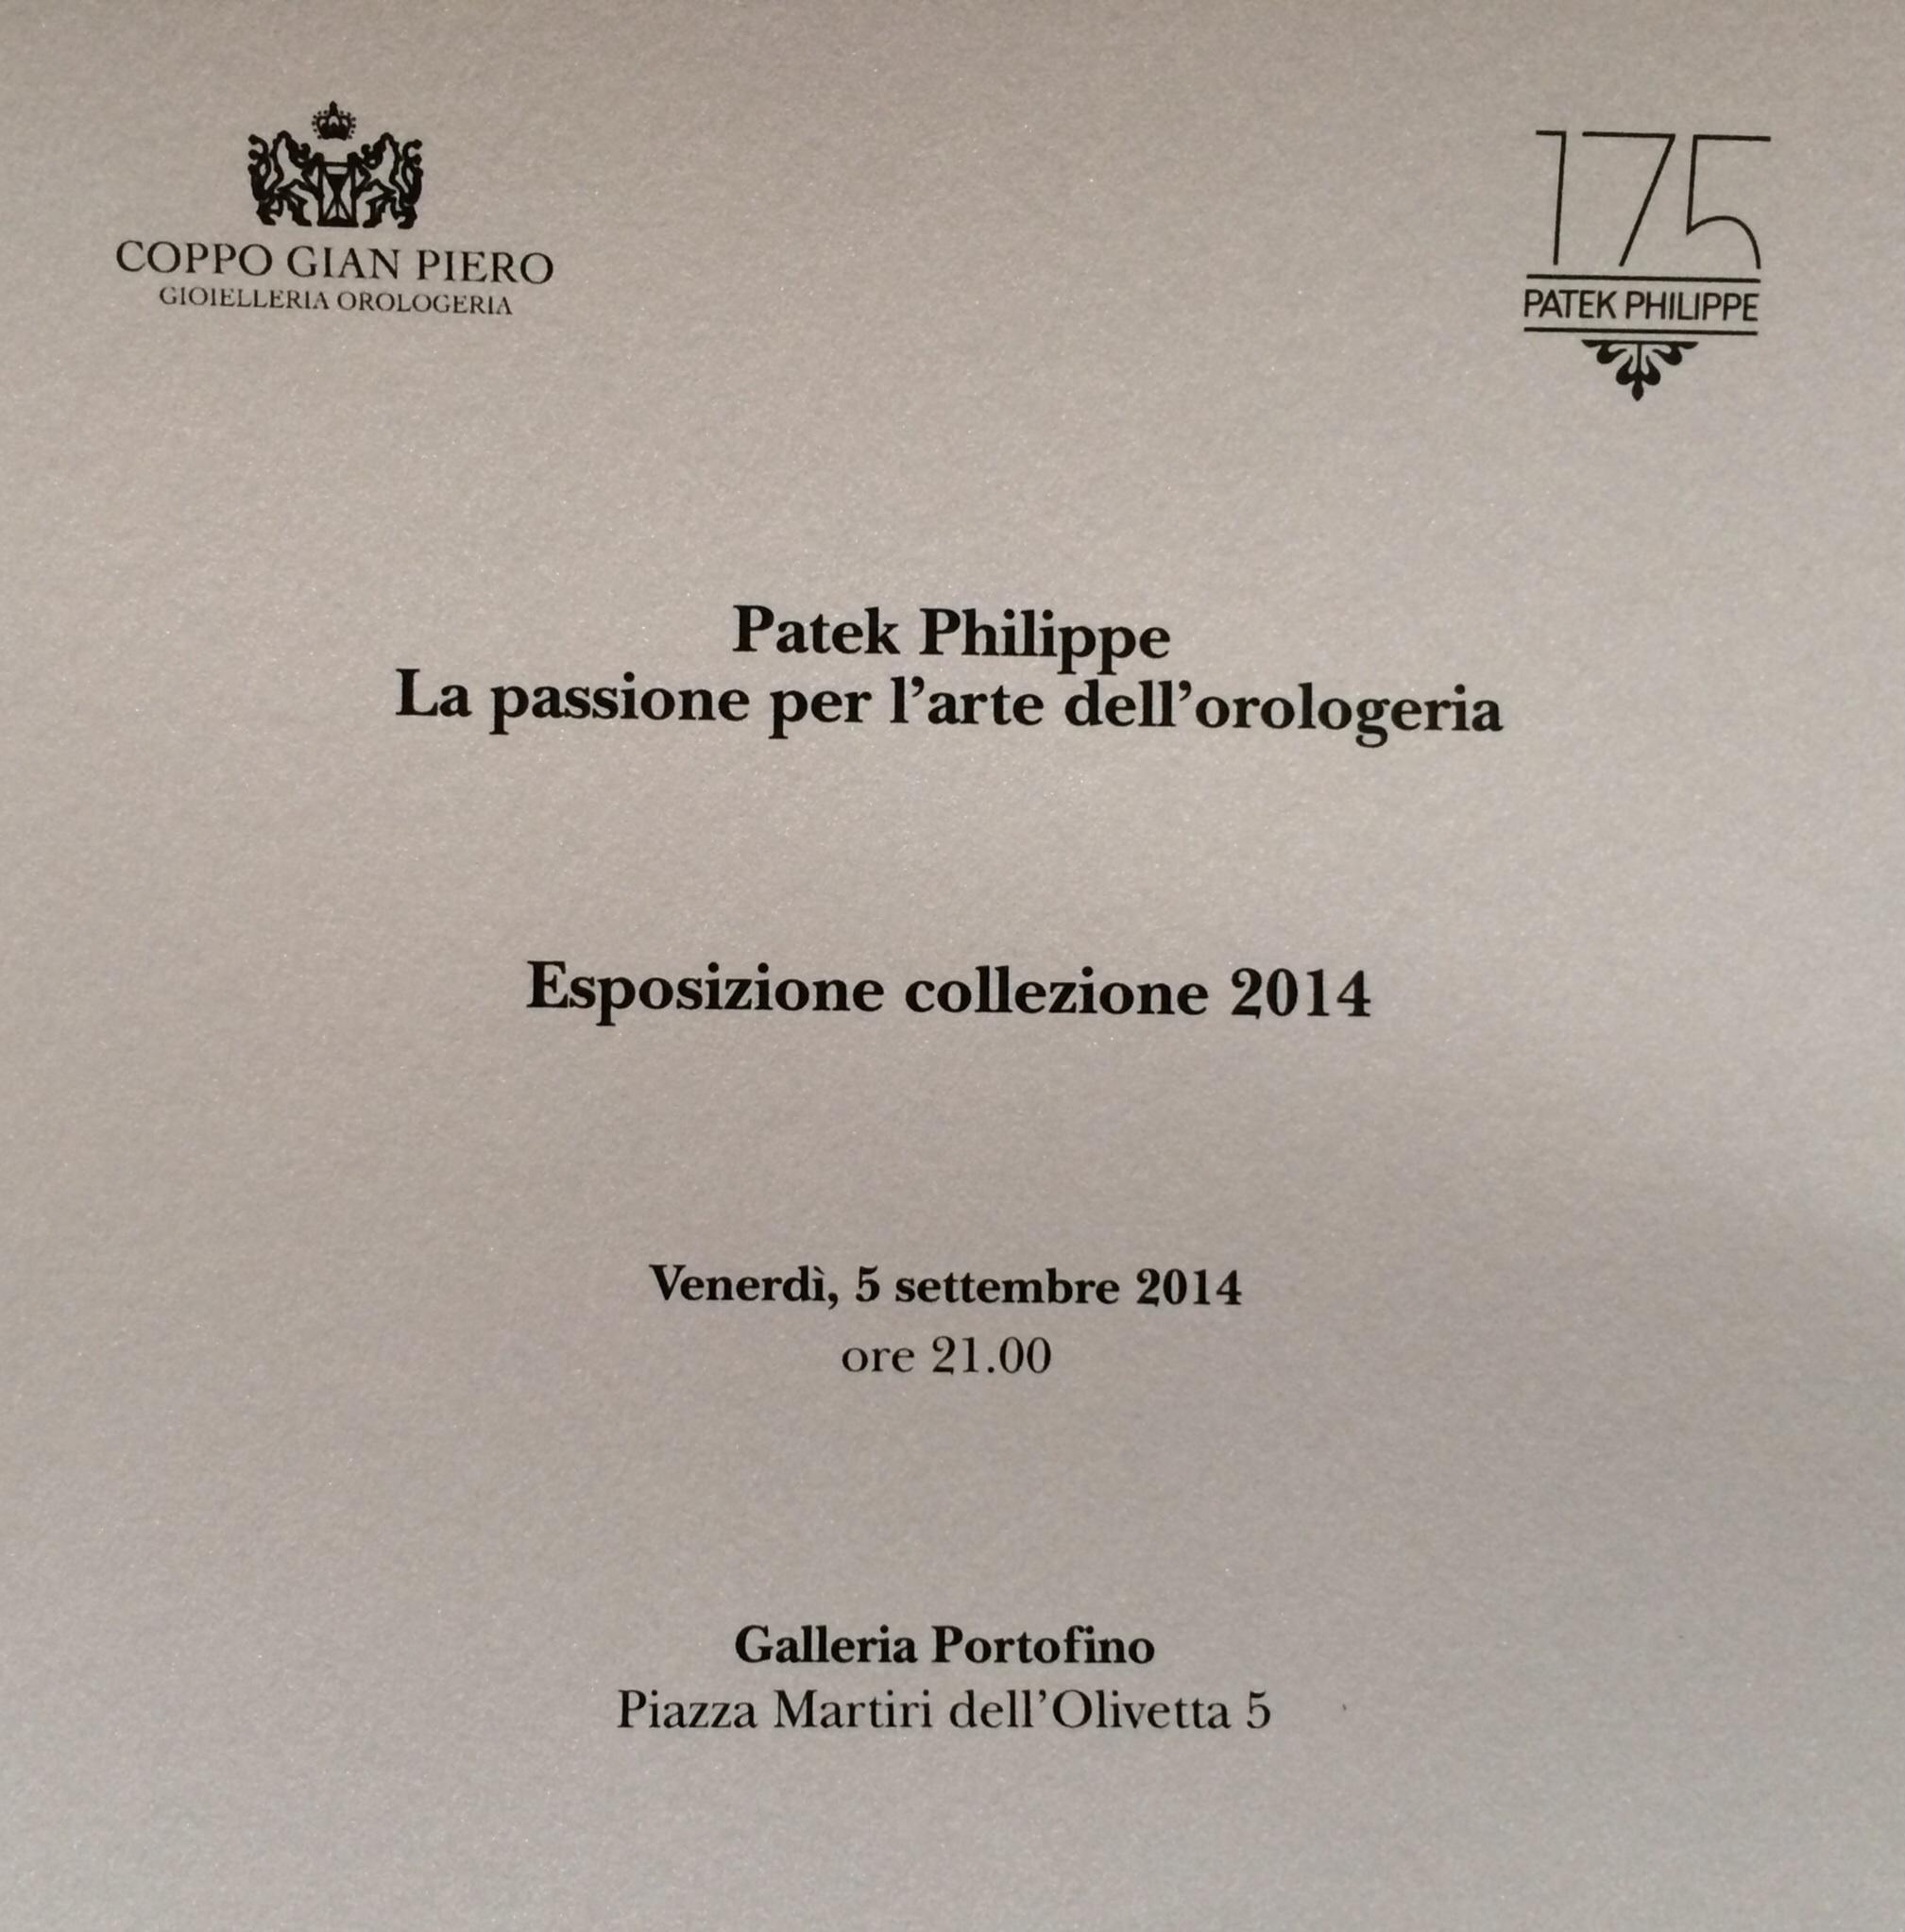 2014 Patek Philippe 175th Anniversary